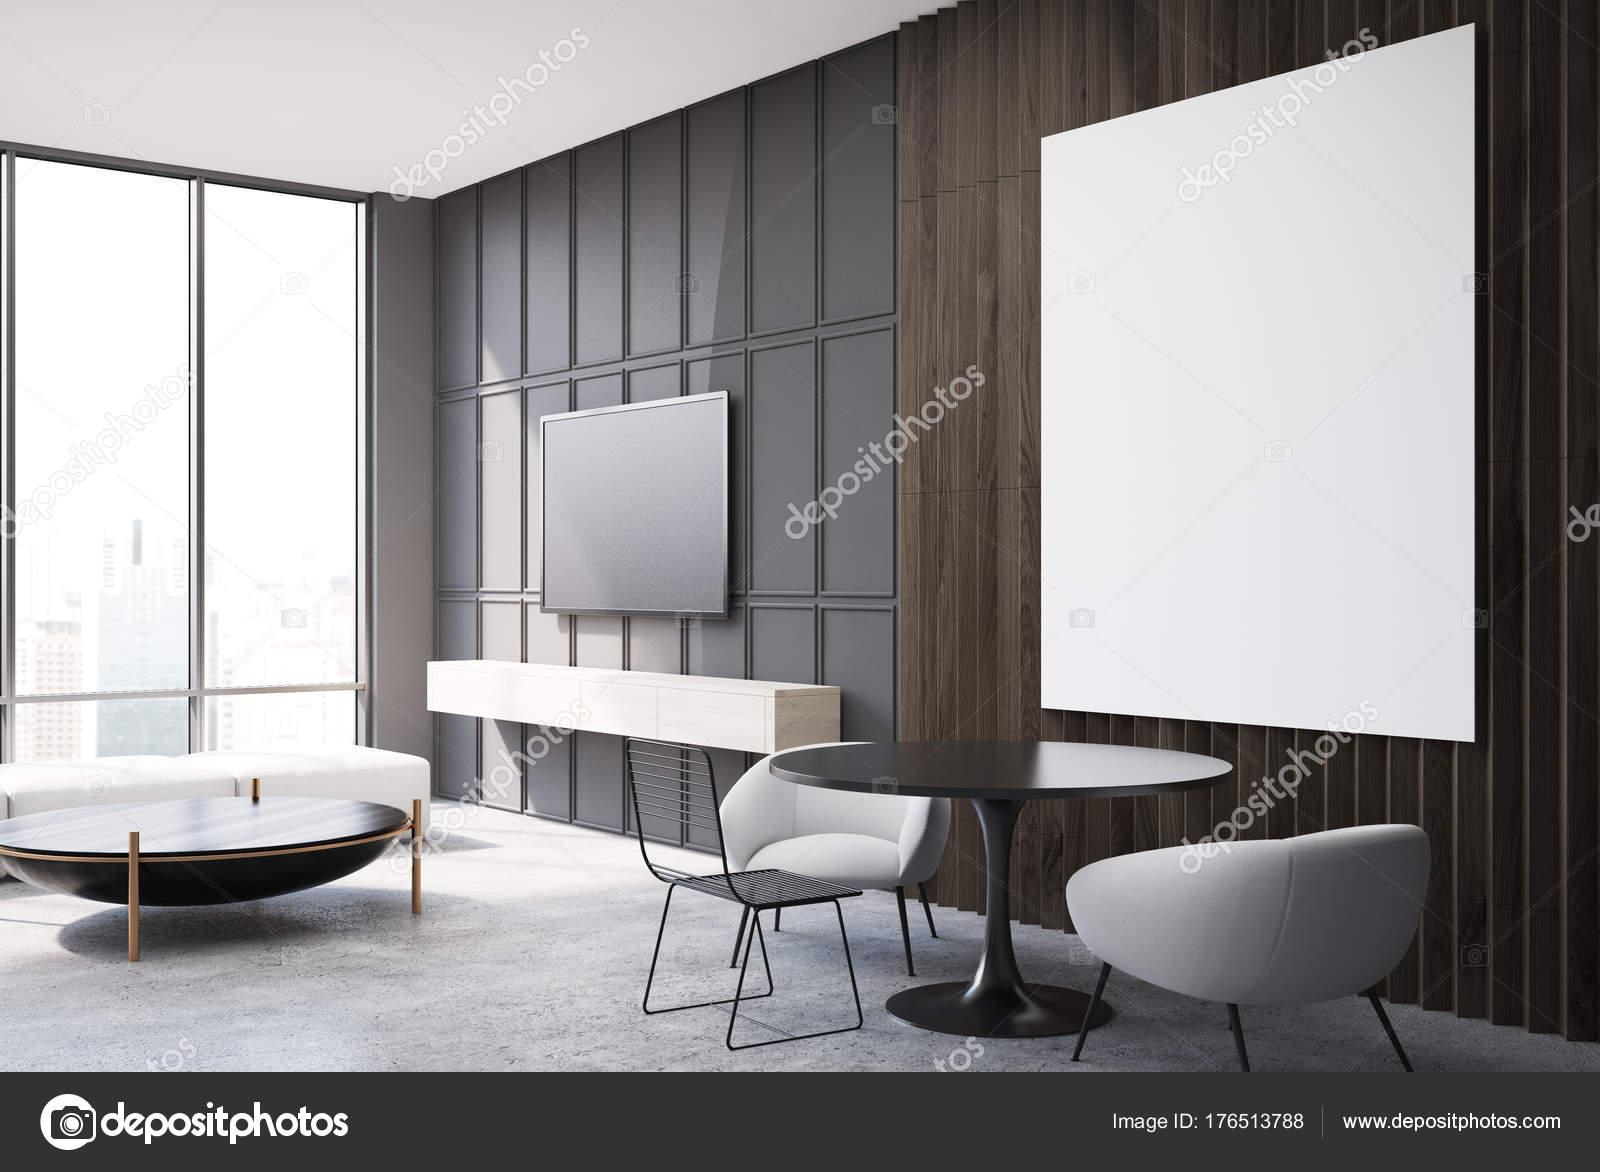 Salon gris et en bois, côté affiche blanc — Photographie ...